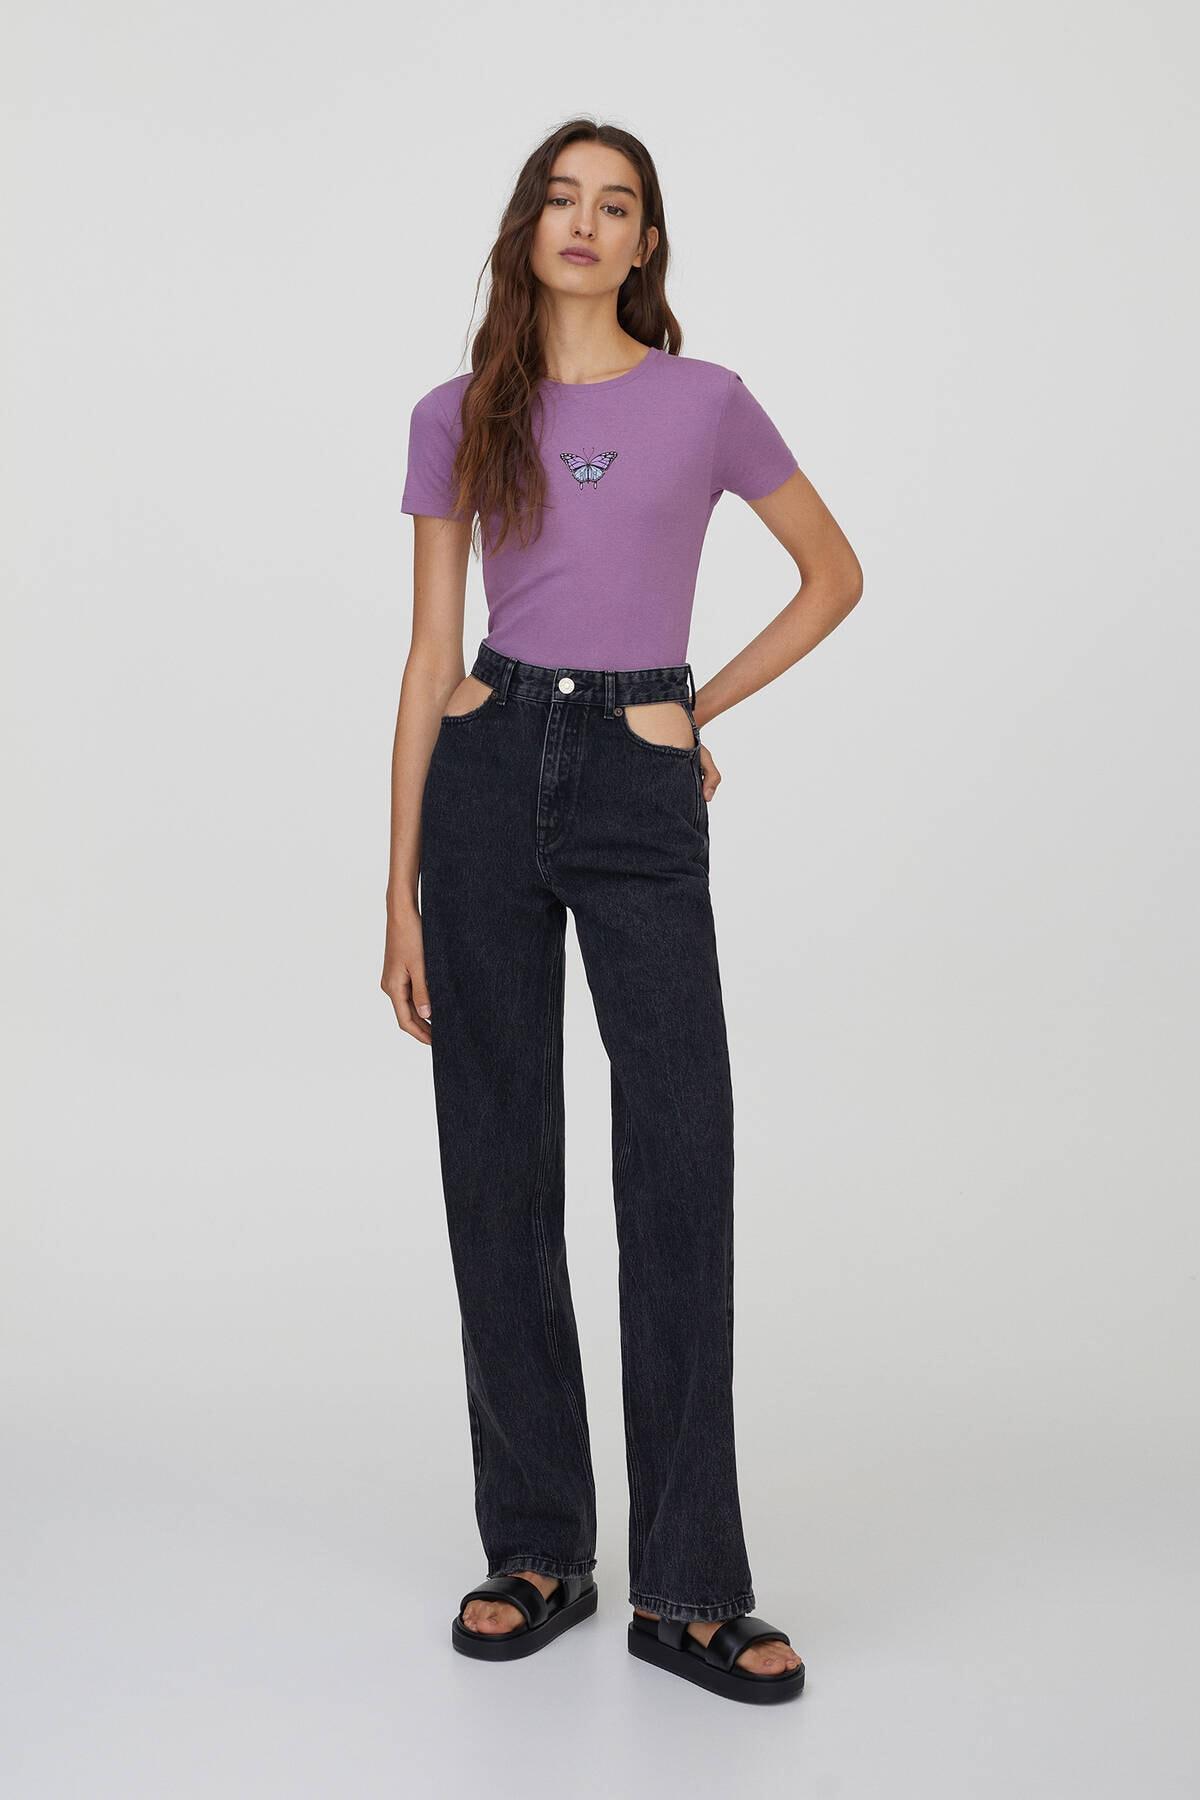 Pull & Bear Kadın  Leylak Grafik Baskılı Fitilli T-Shirt 09247324 1